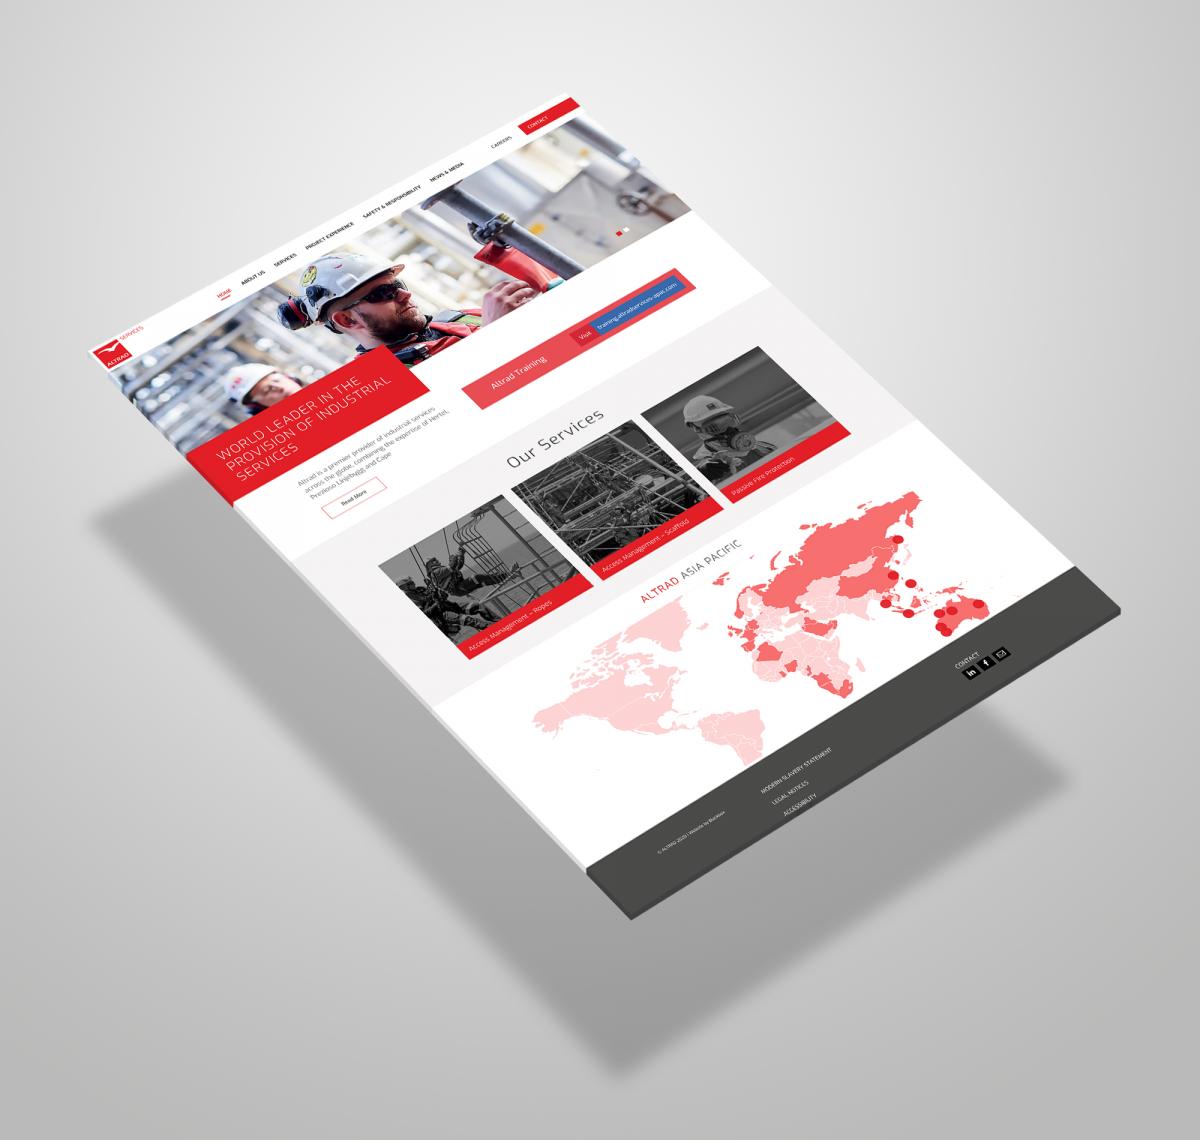 web design company perth